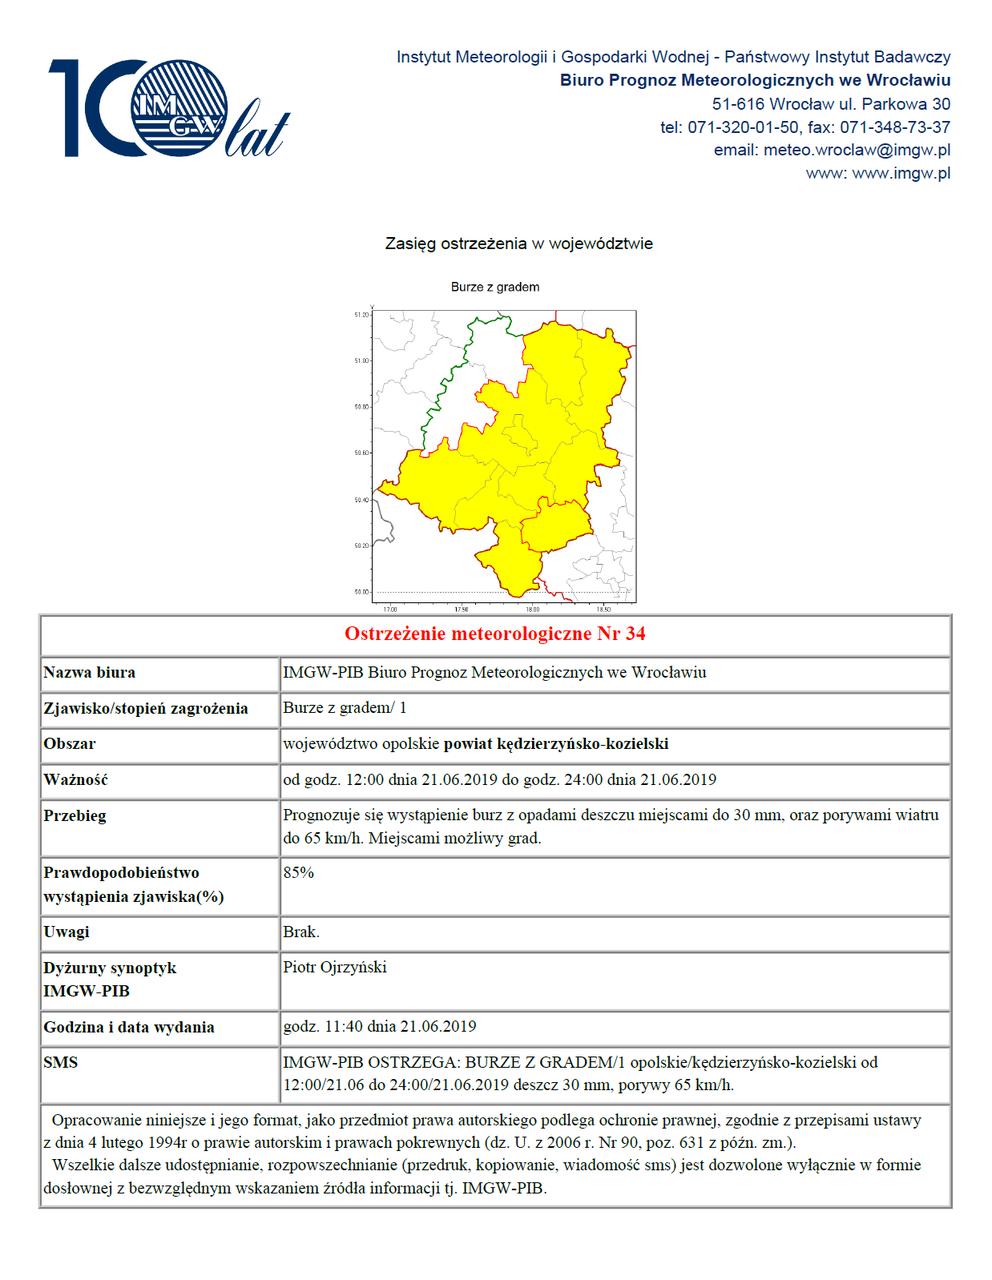 Ostrzeżenie meteorologiczne nr 34 z 21.06.2019.png